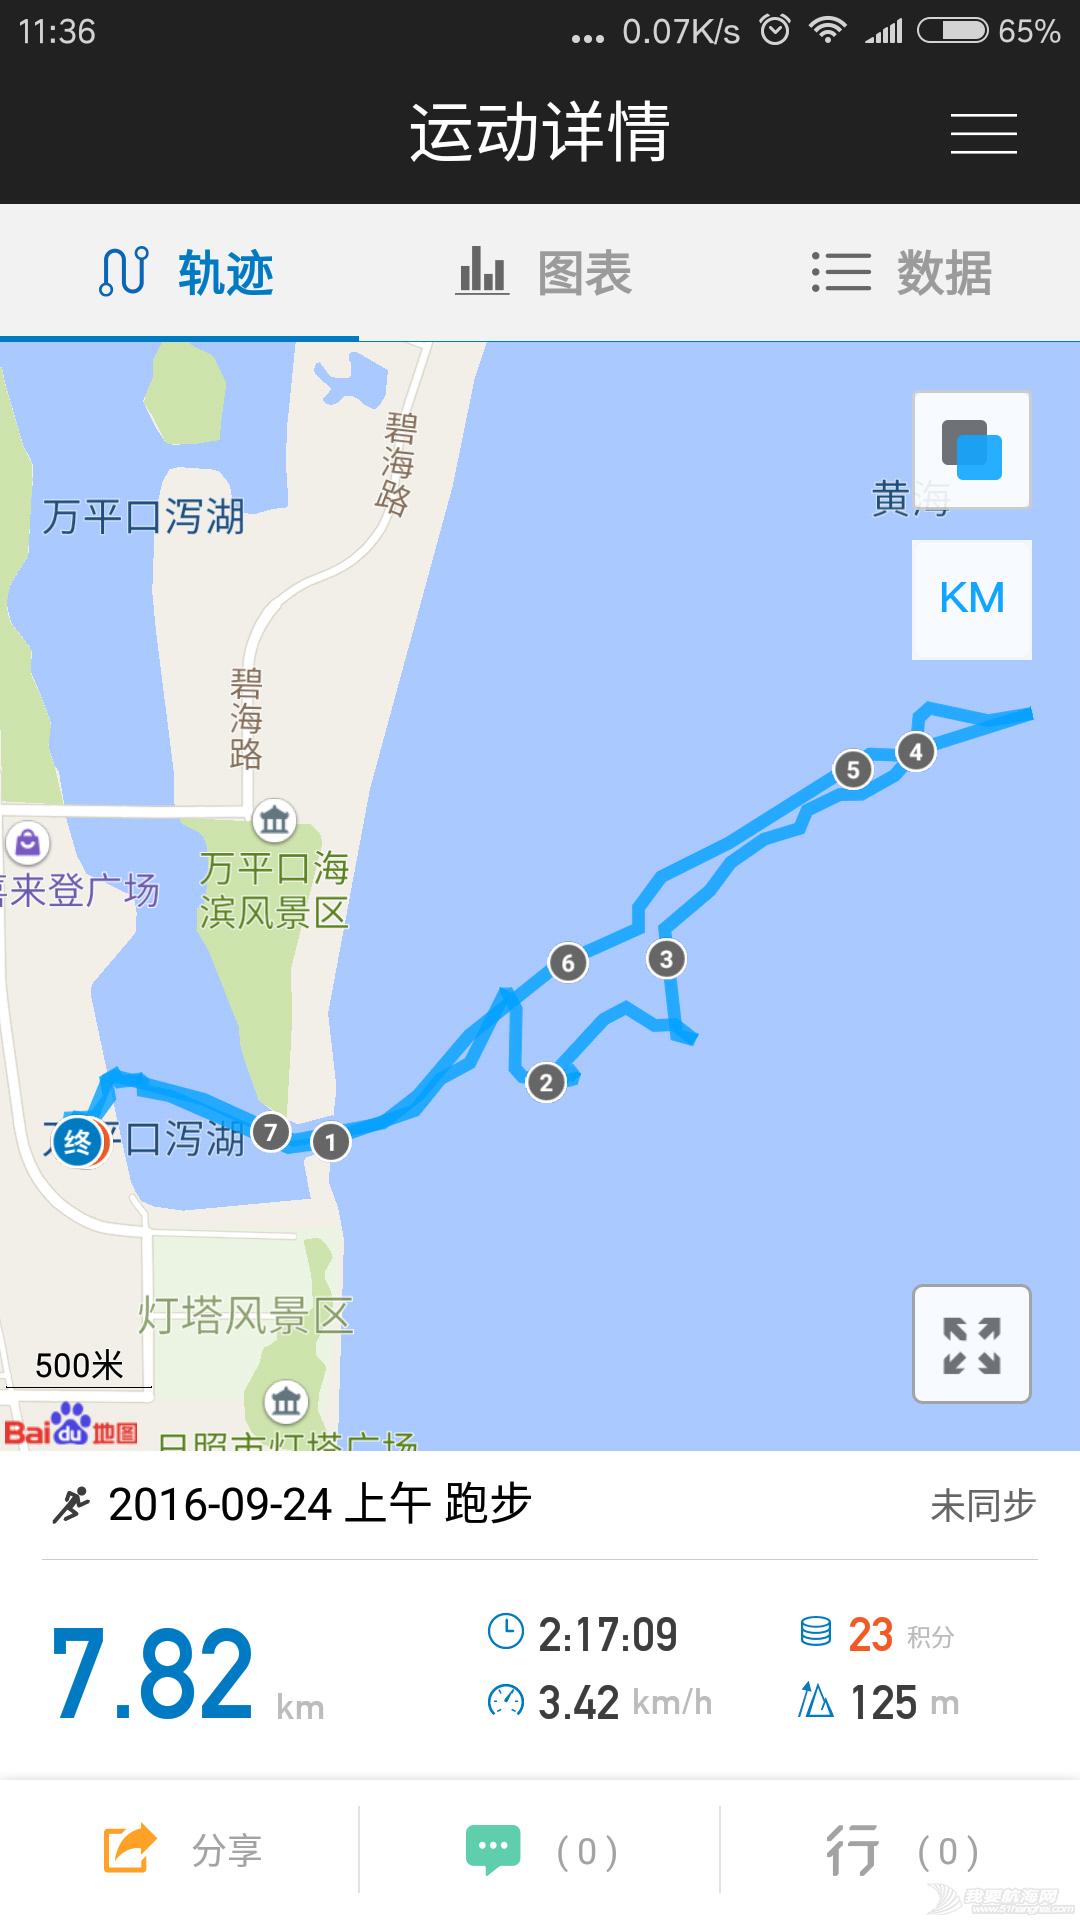 Screenshot_2016-09-24-11-36-22-662_im.xingzhe.png